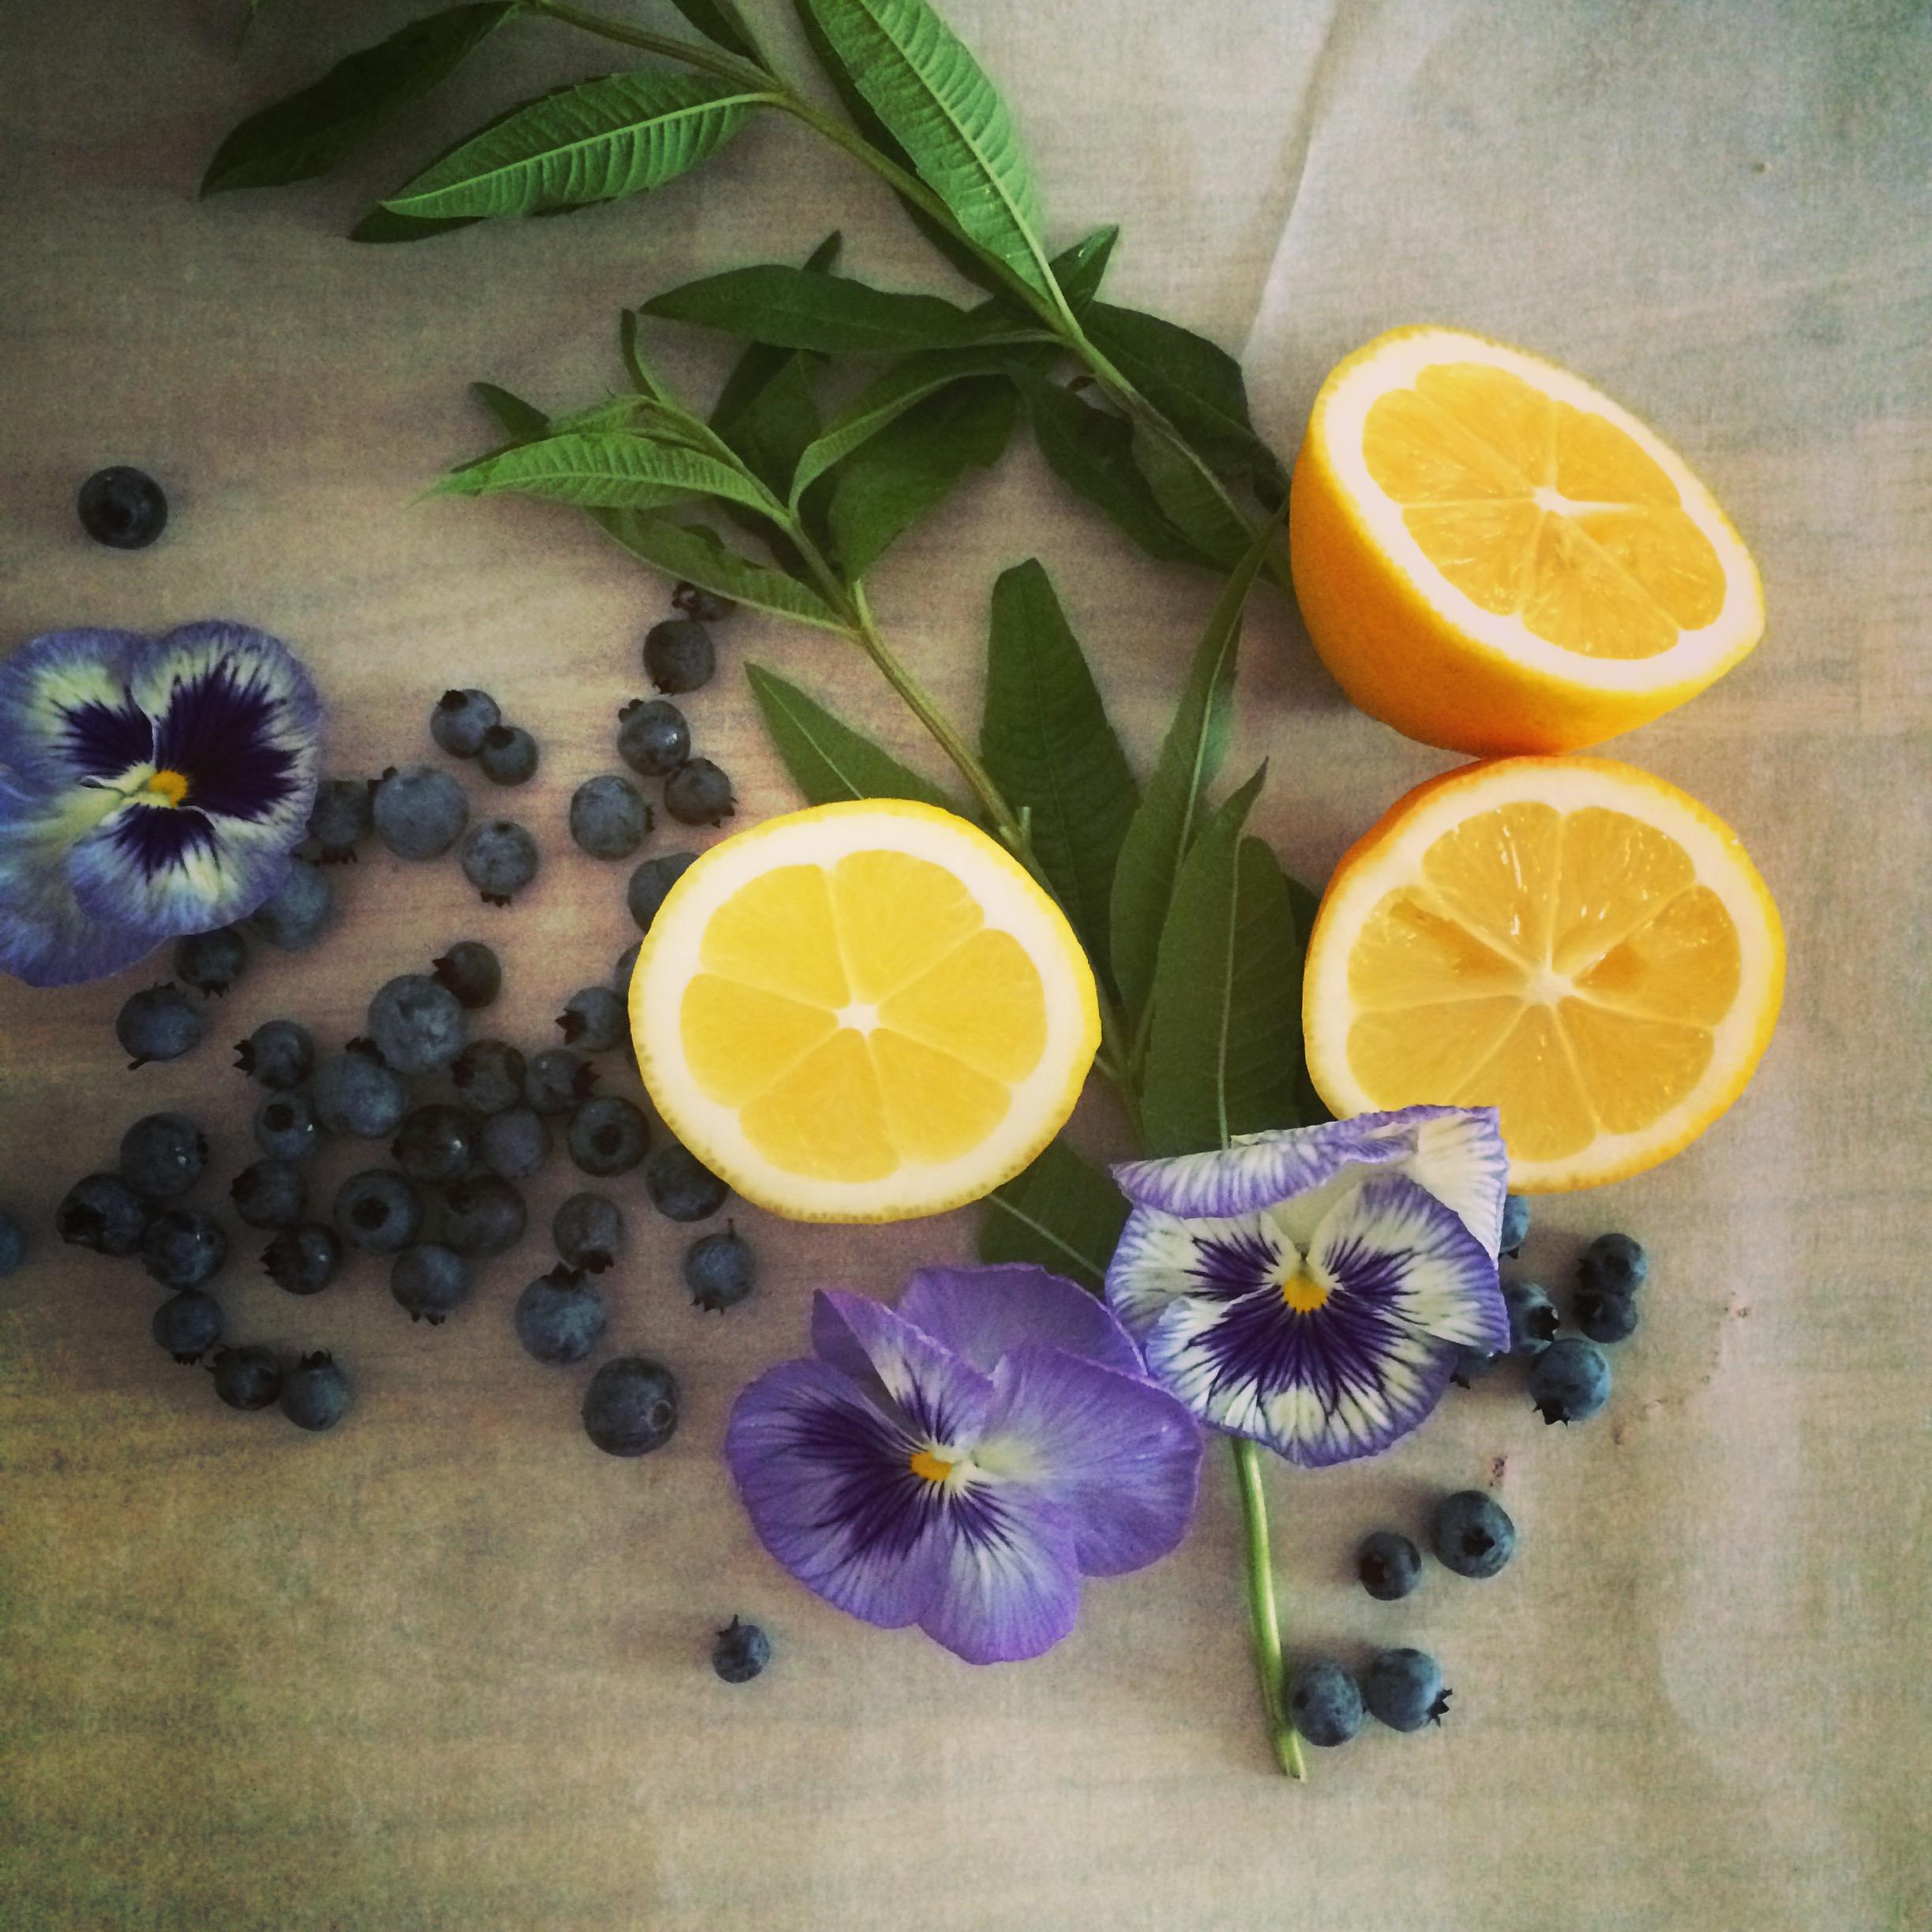 Wild Maine blueberries, lemon verbena, edible pansies, Meyer lemons